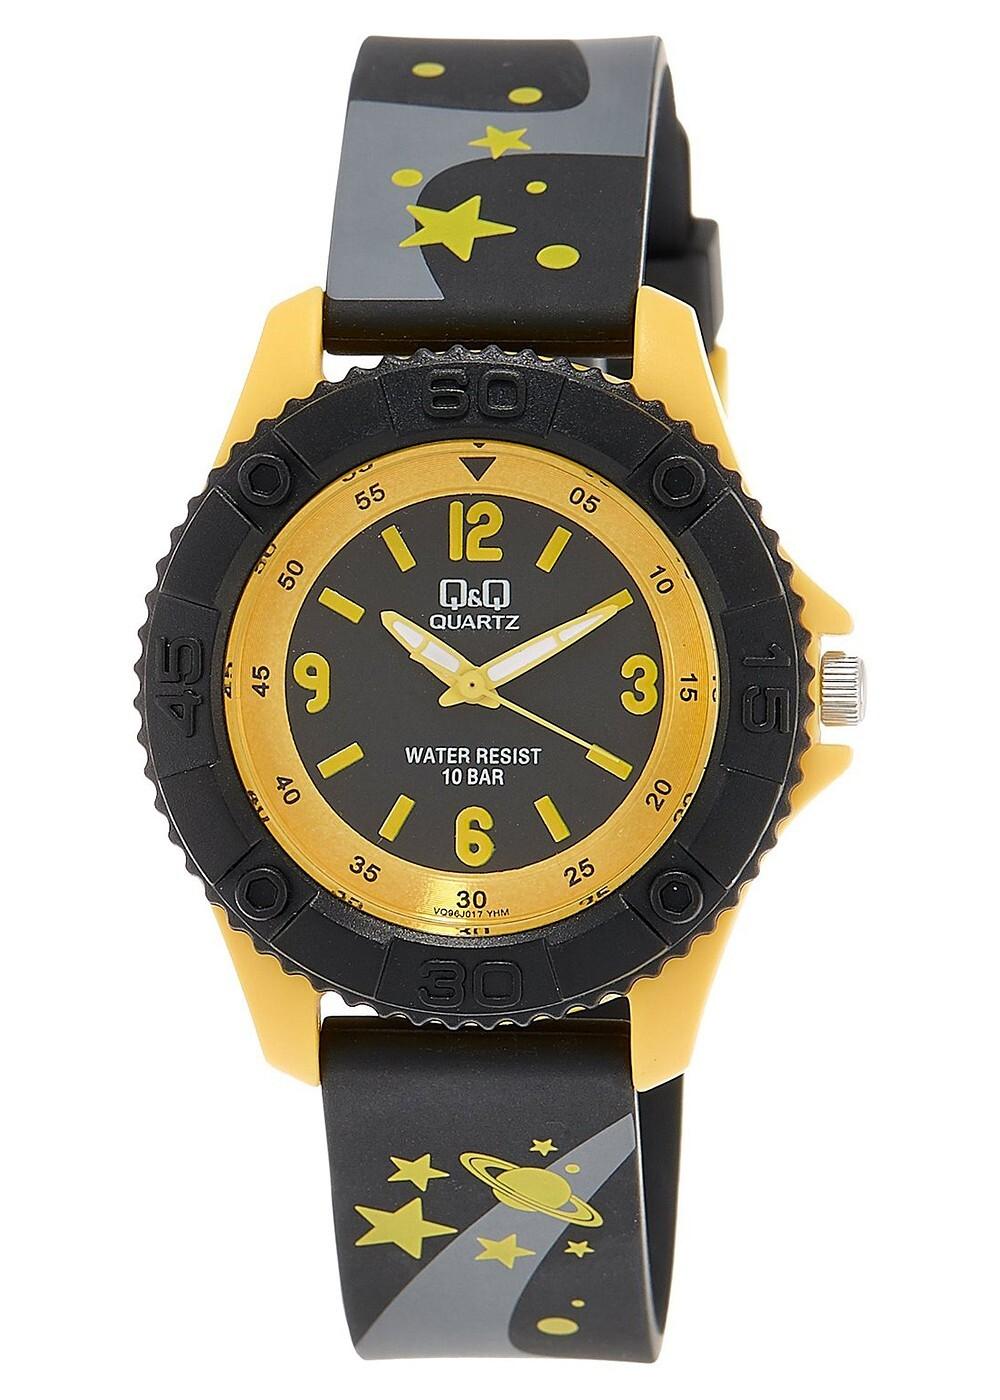 Đồng hồ thời trang Baby G - Q&Q Citizen VQ96J017Y